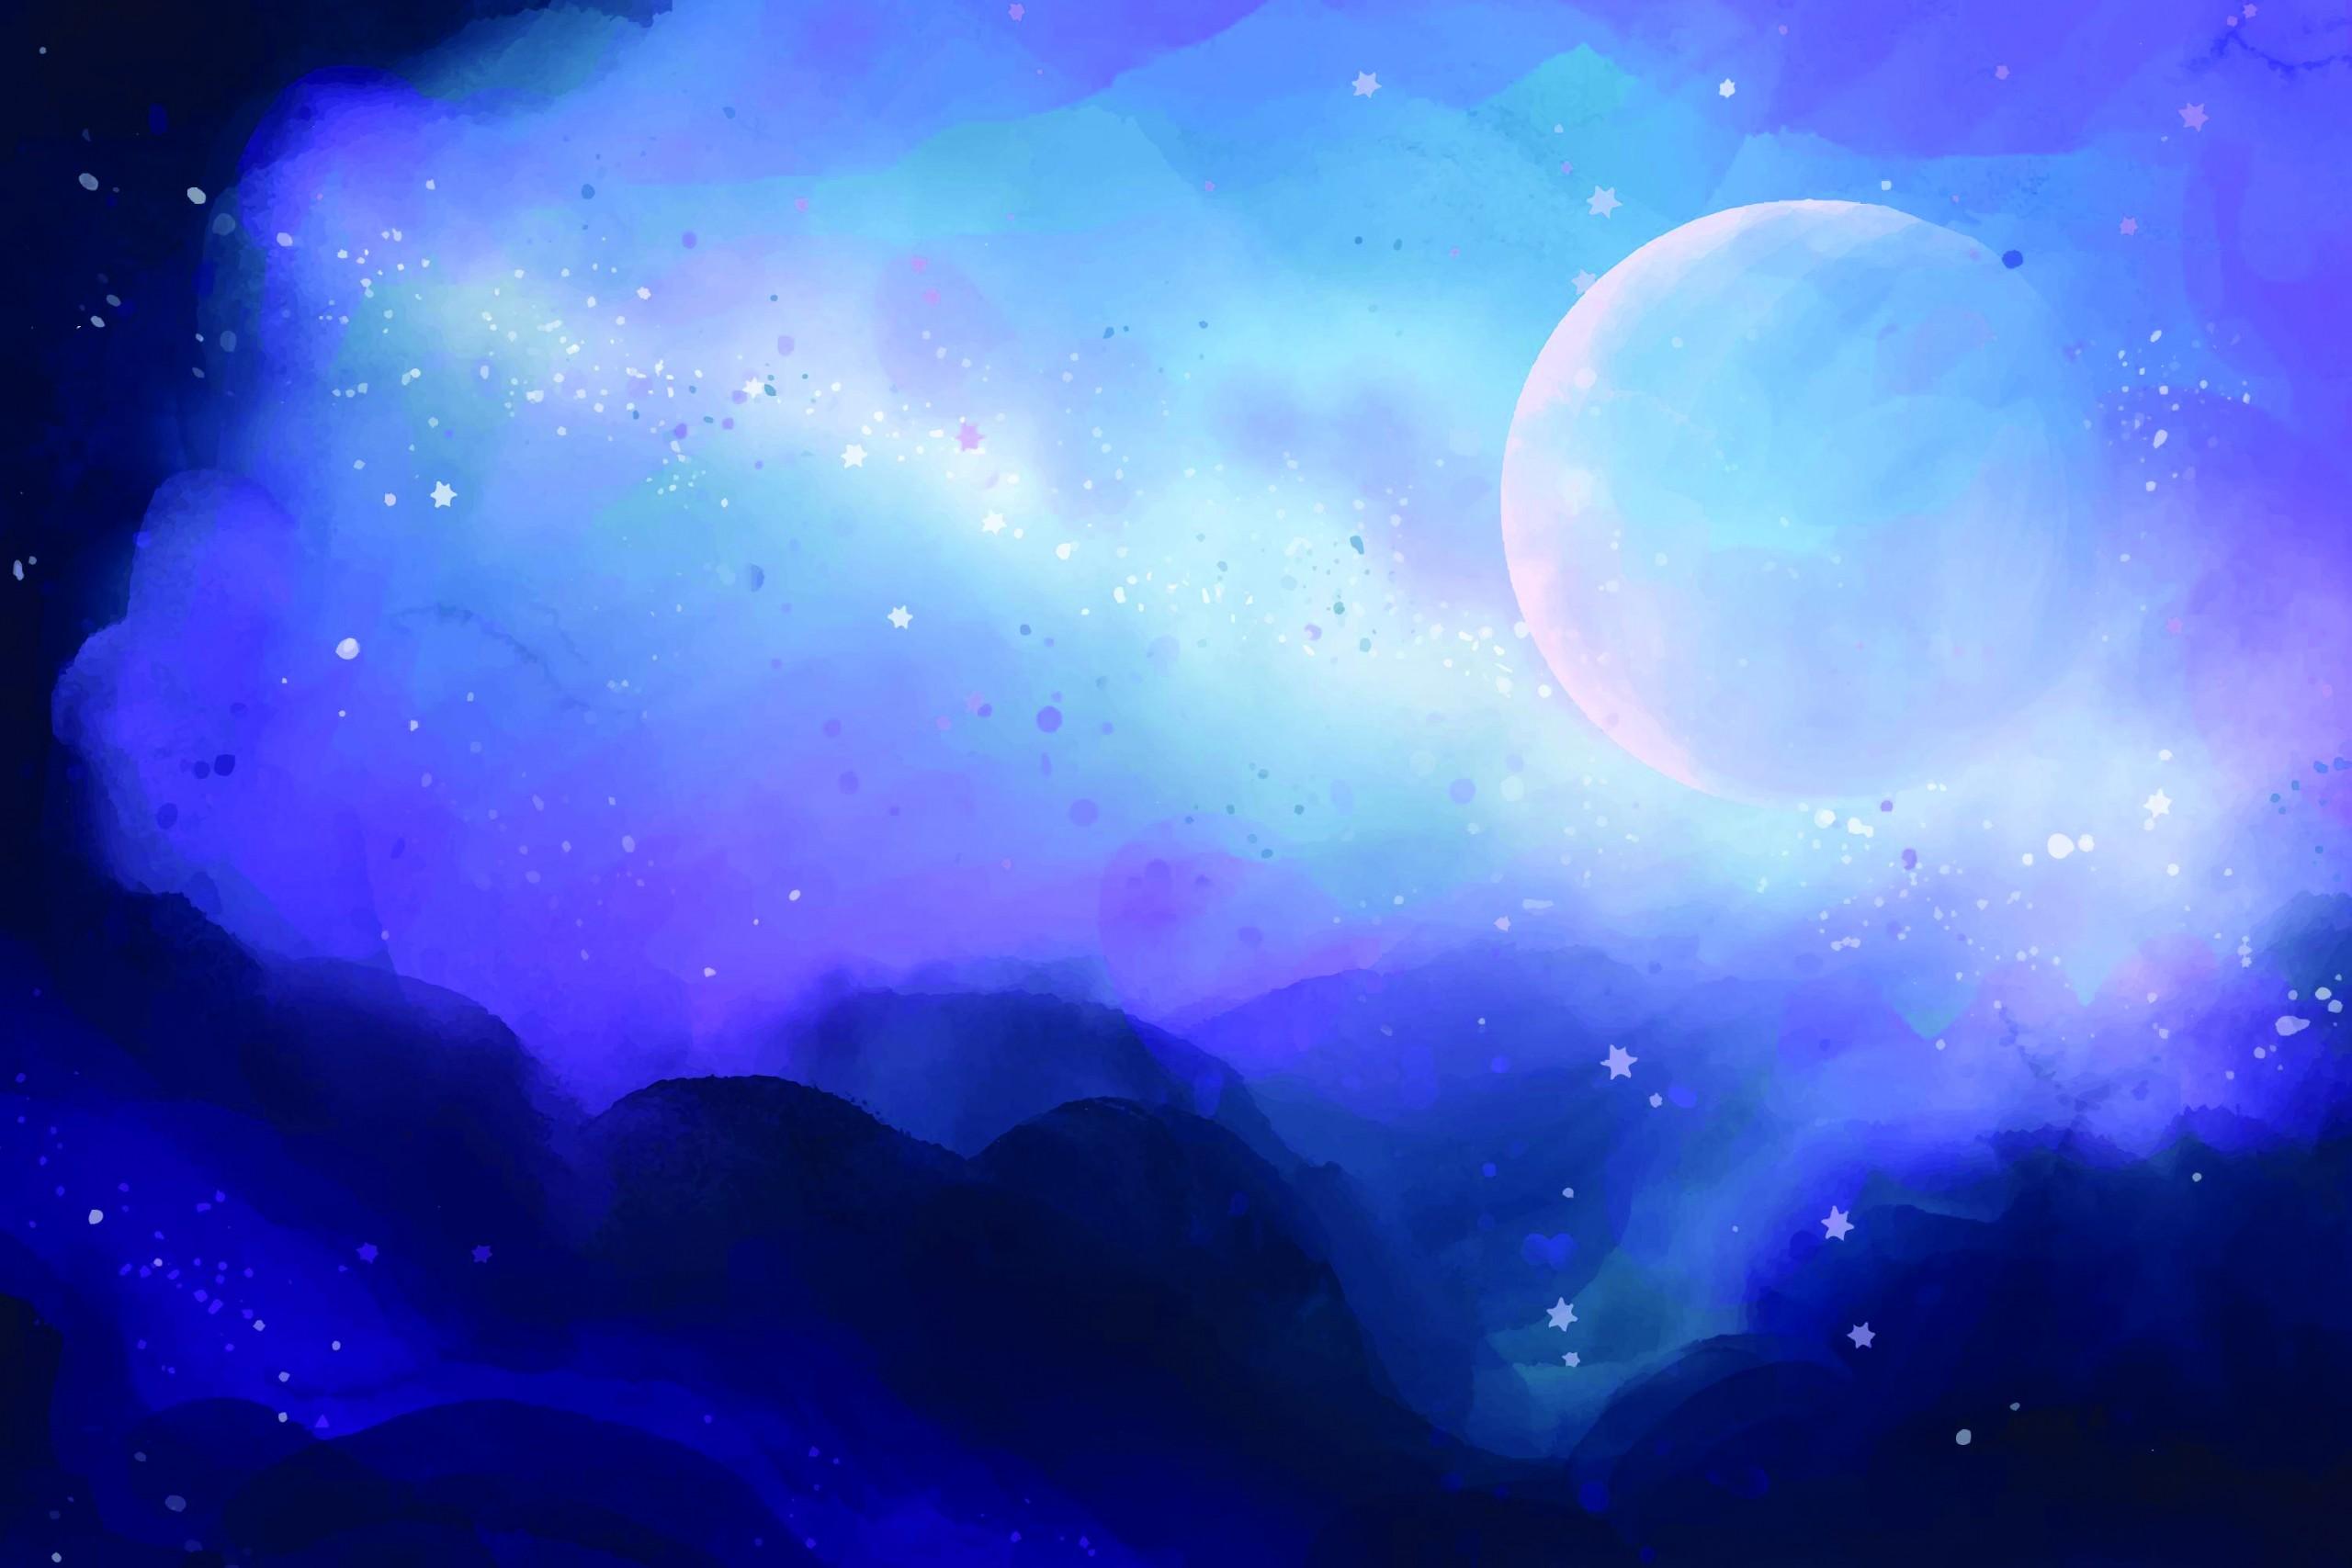 Startspeak Moon 6